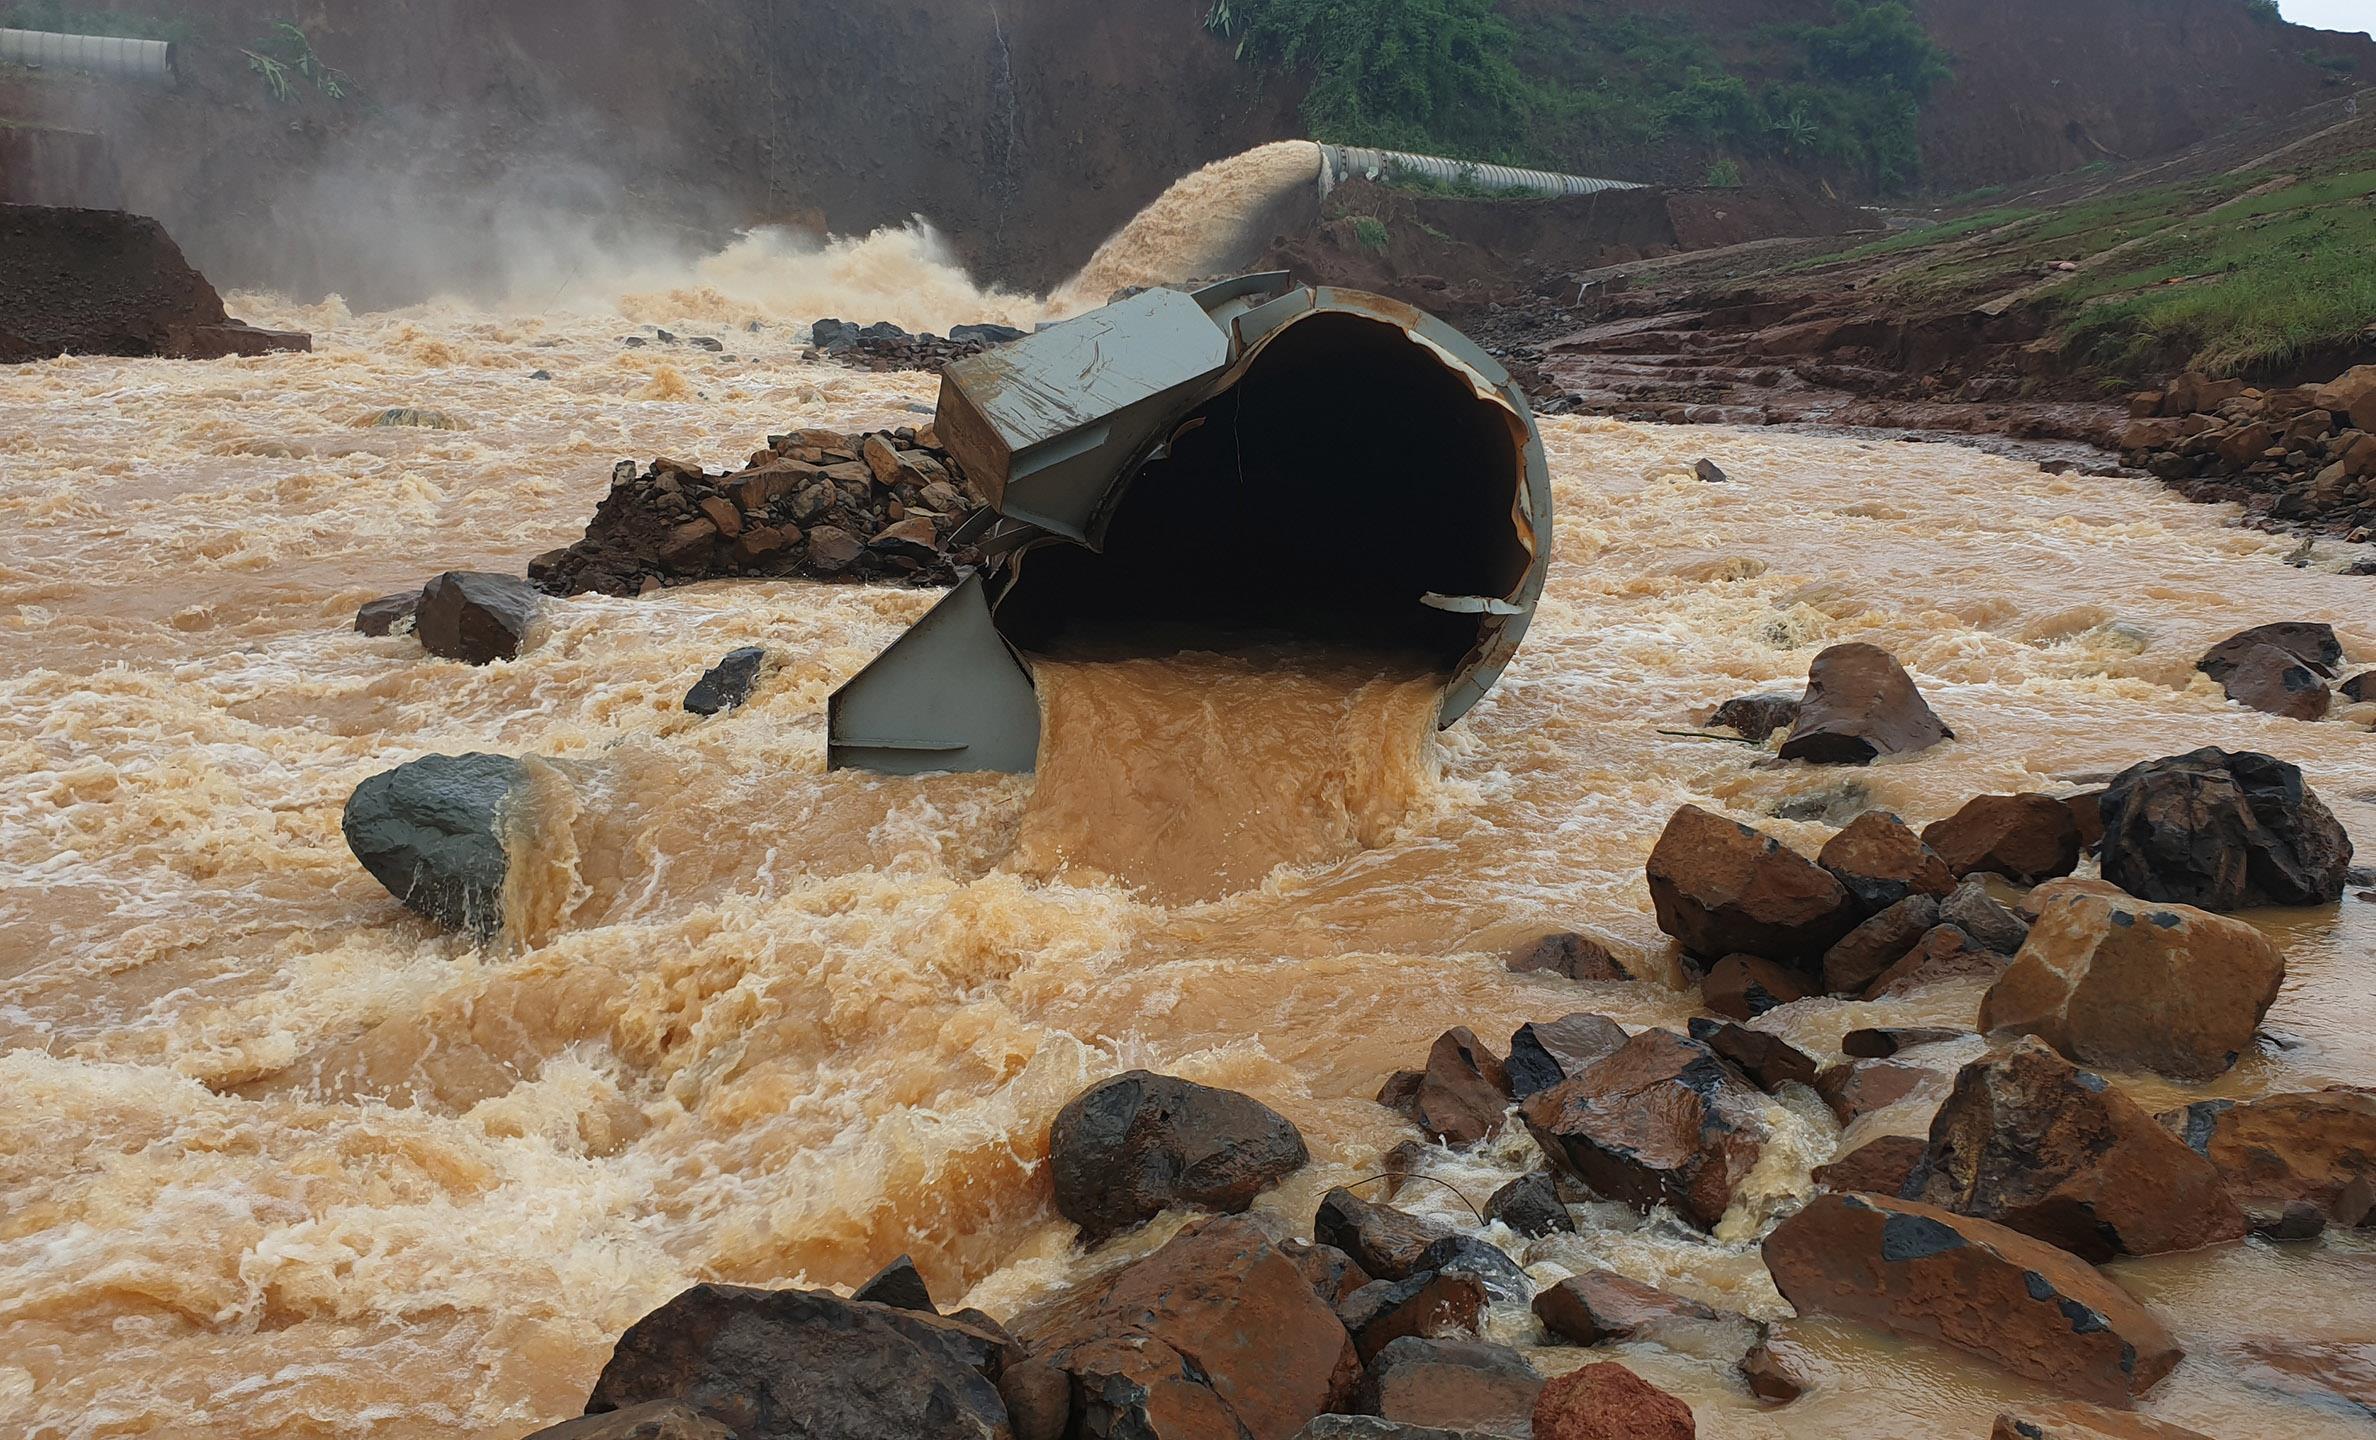 Tích nước khi thi công thủy điện là cực kỳ nguy hiểm, có thể vỡ đập